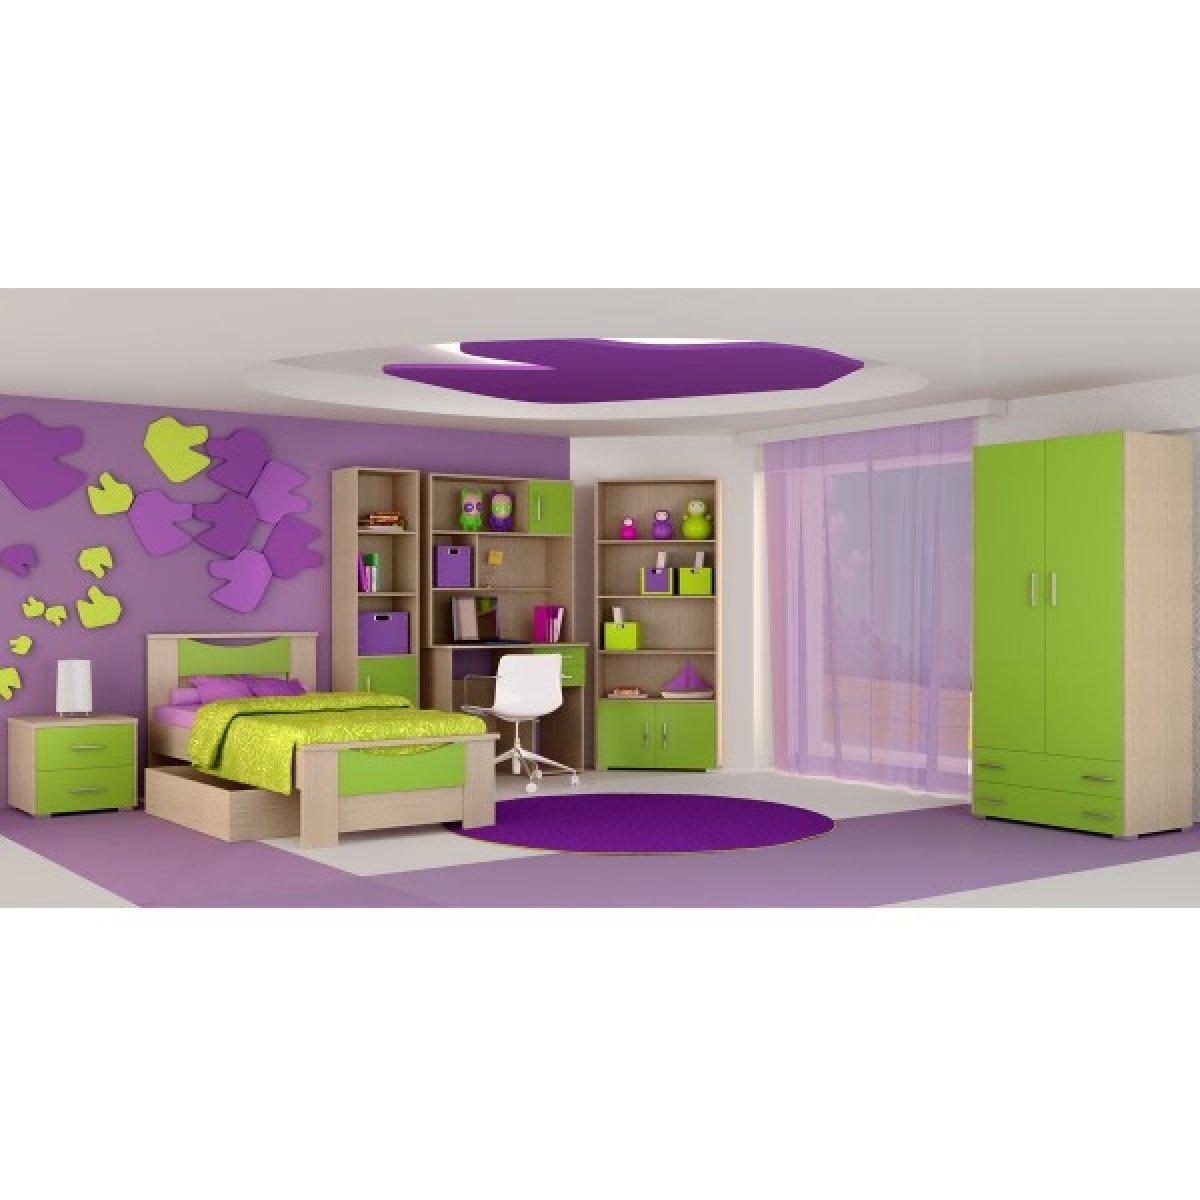 -42% Παιδικό δωμάτιο